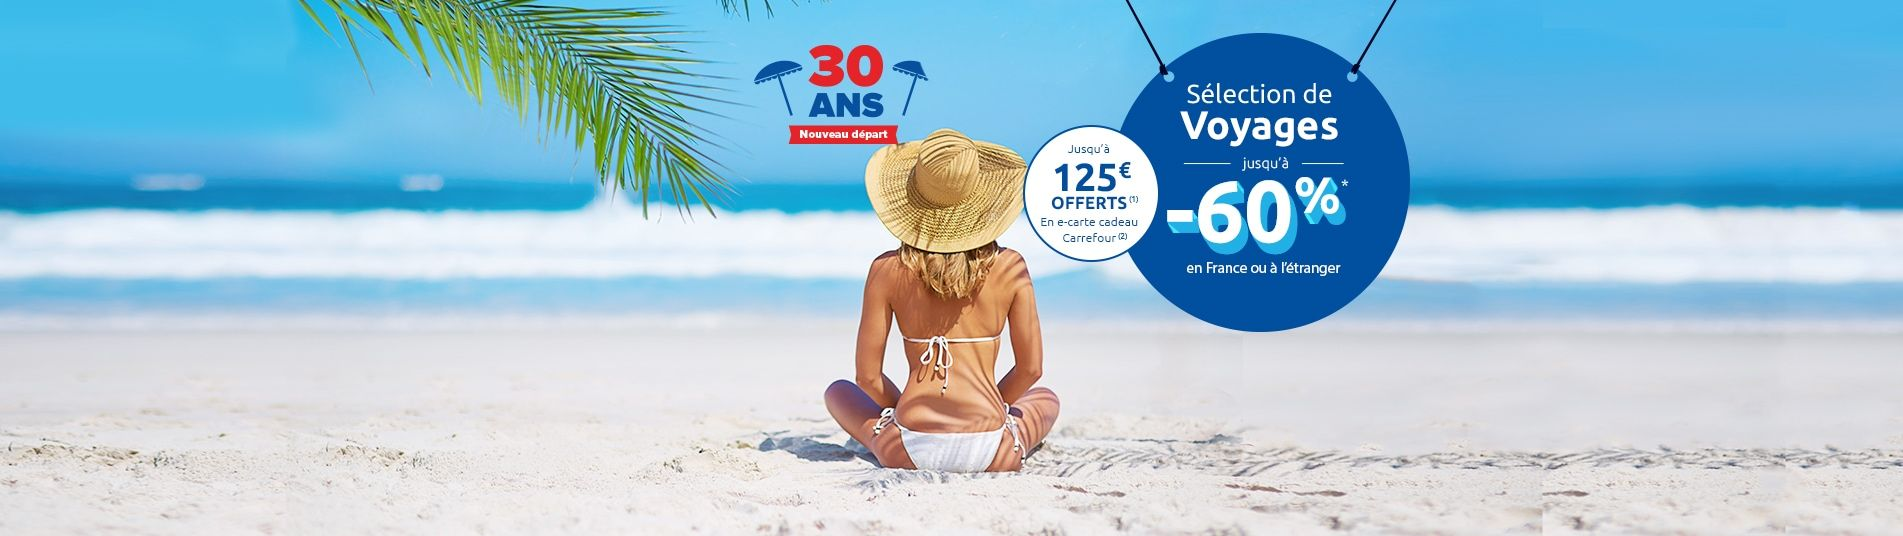 30 ans Carrefour Voyages